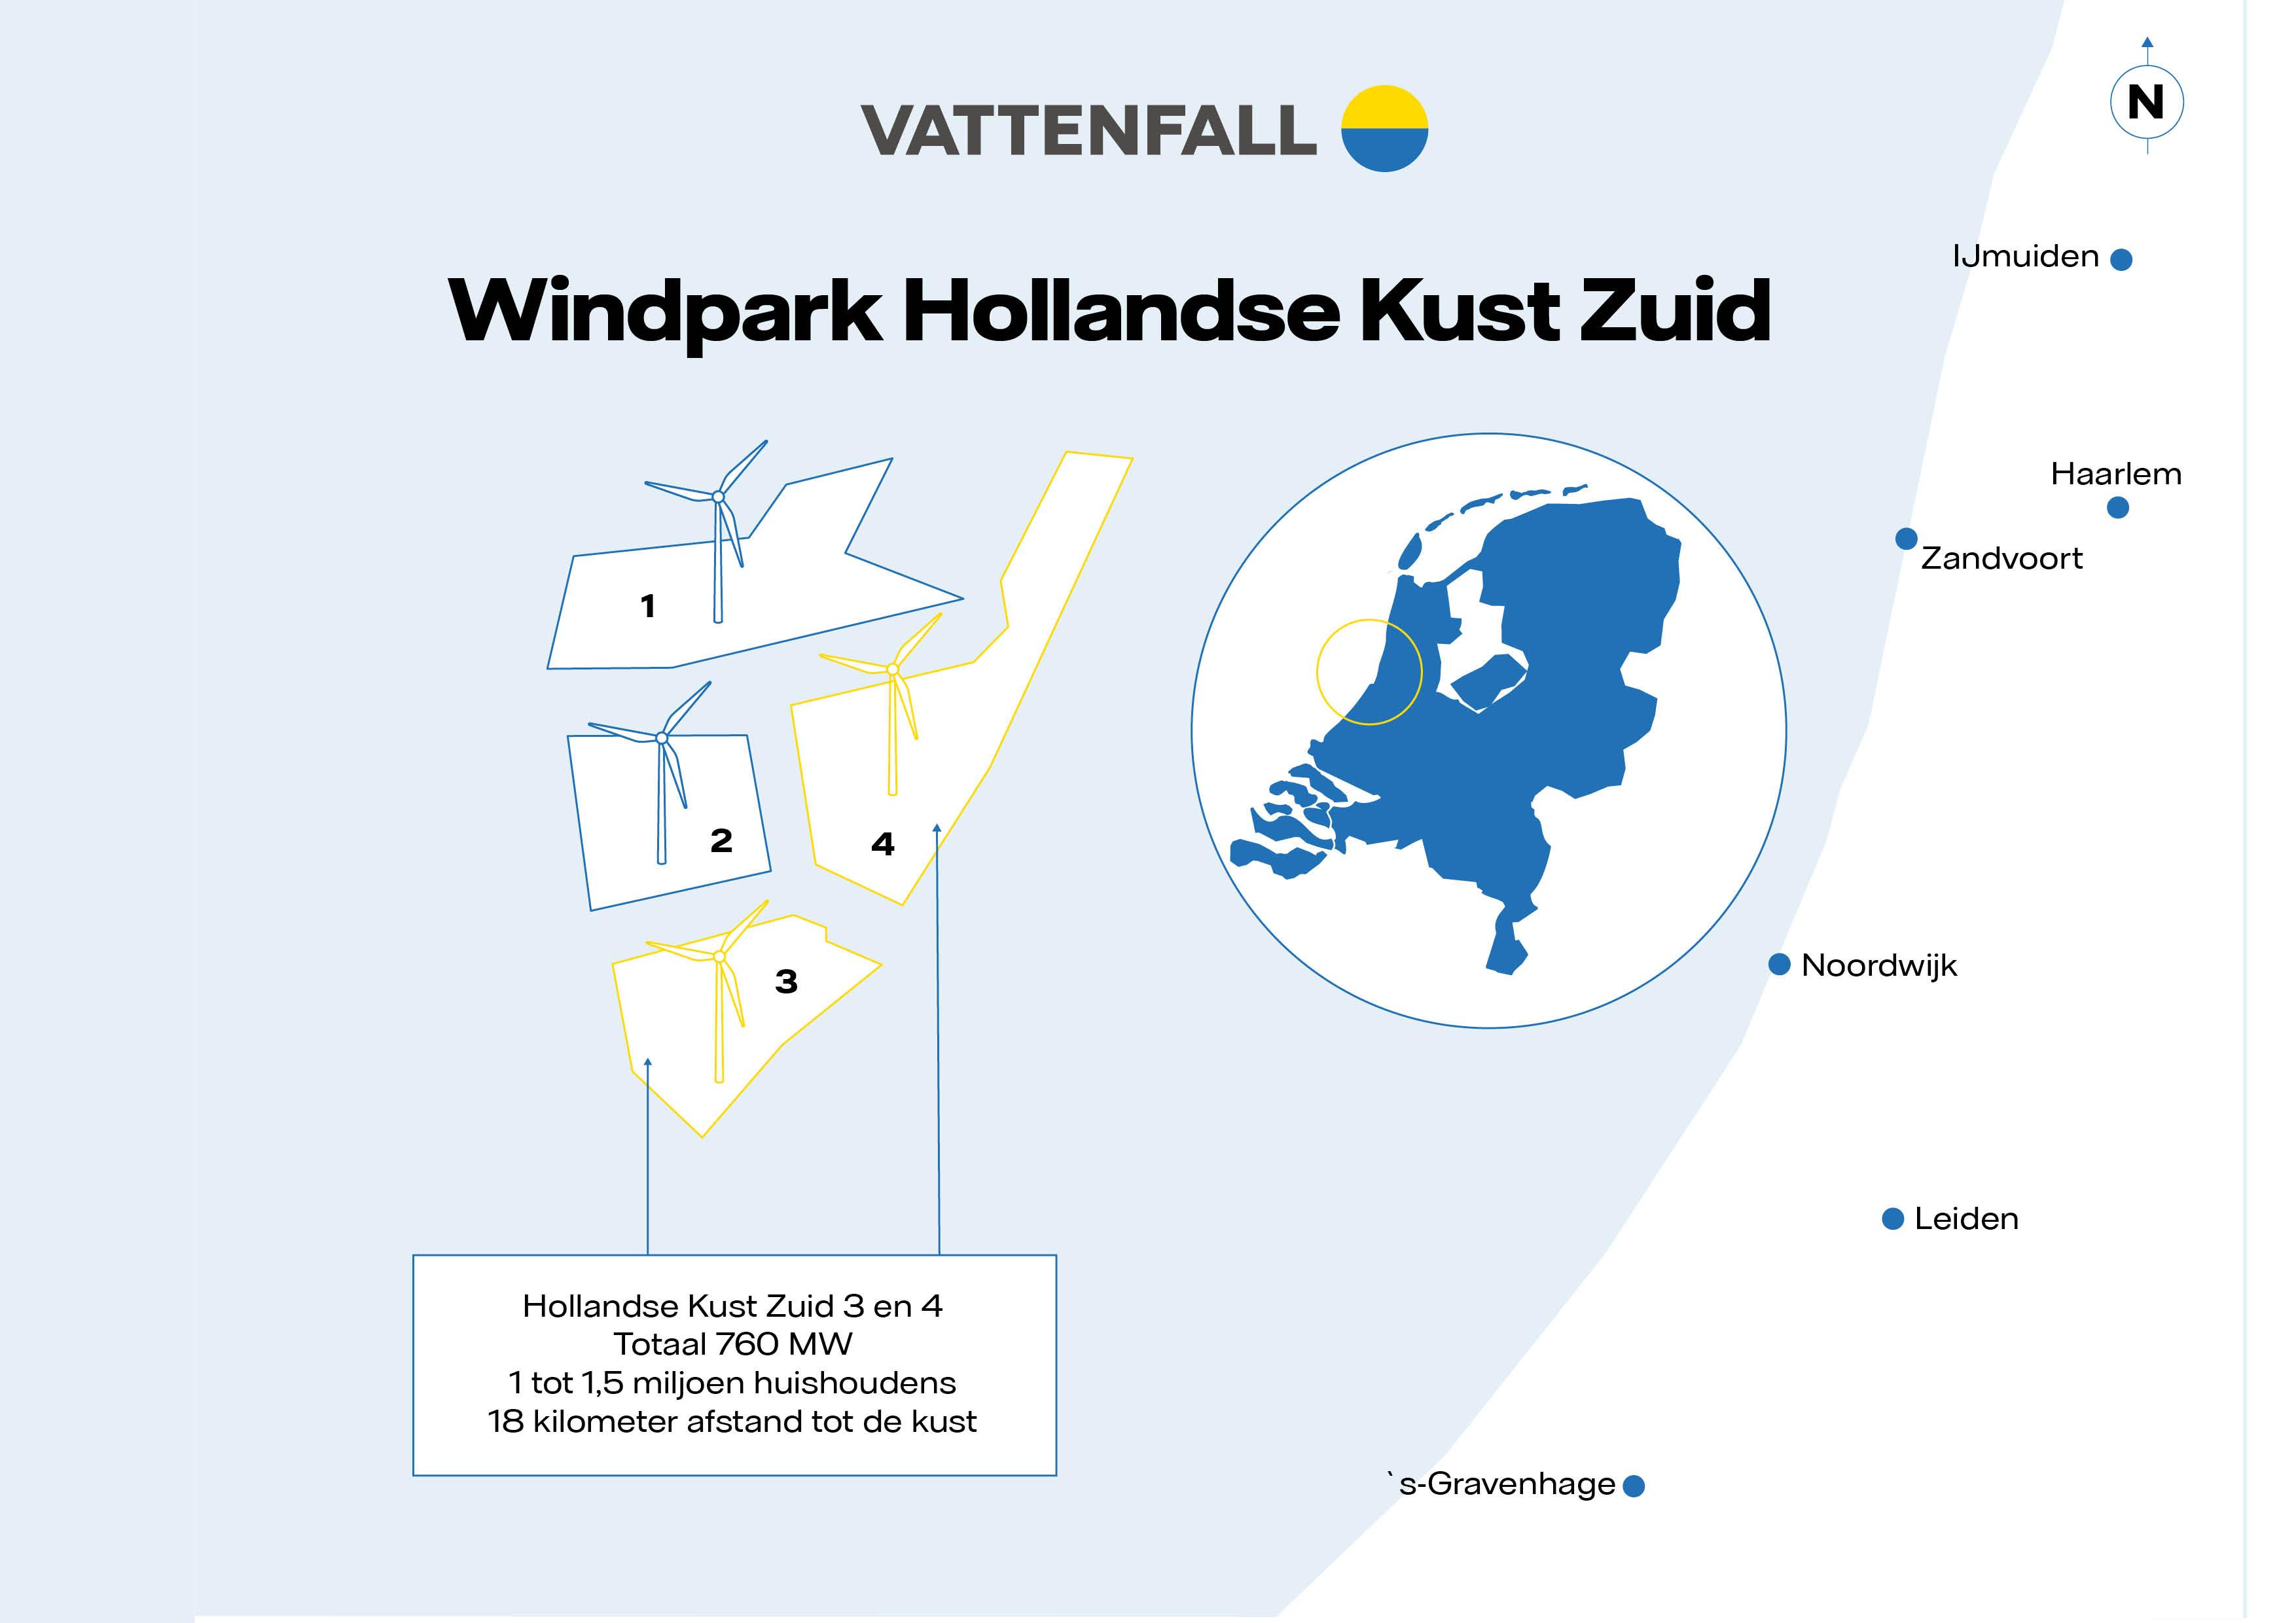 Vattenfall wint ook Hollandse Kust (zuid) 3 & 4